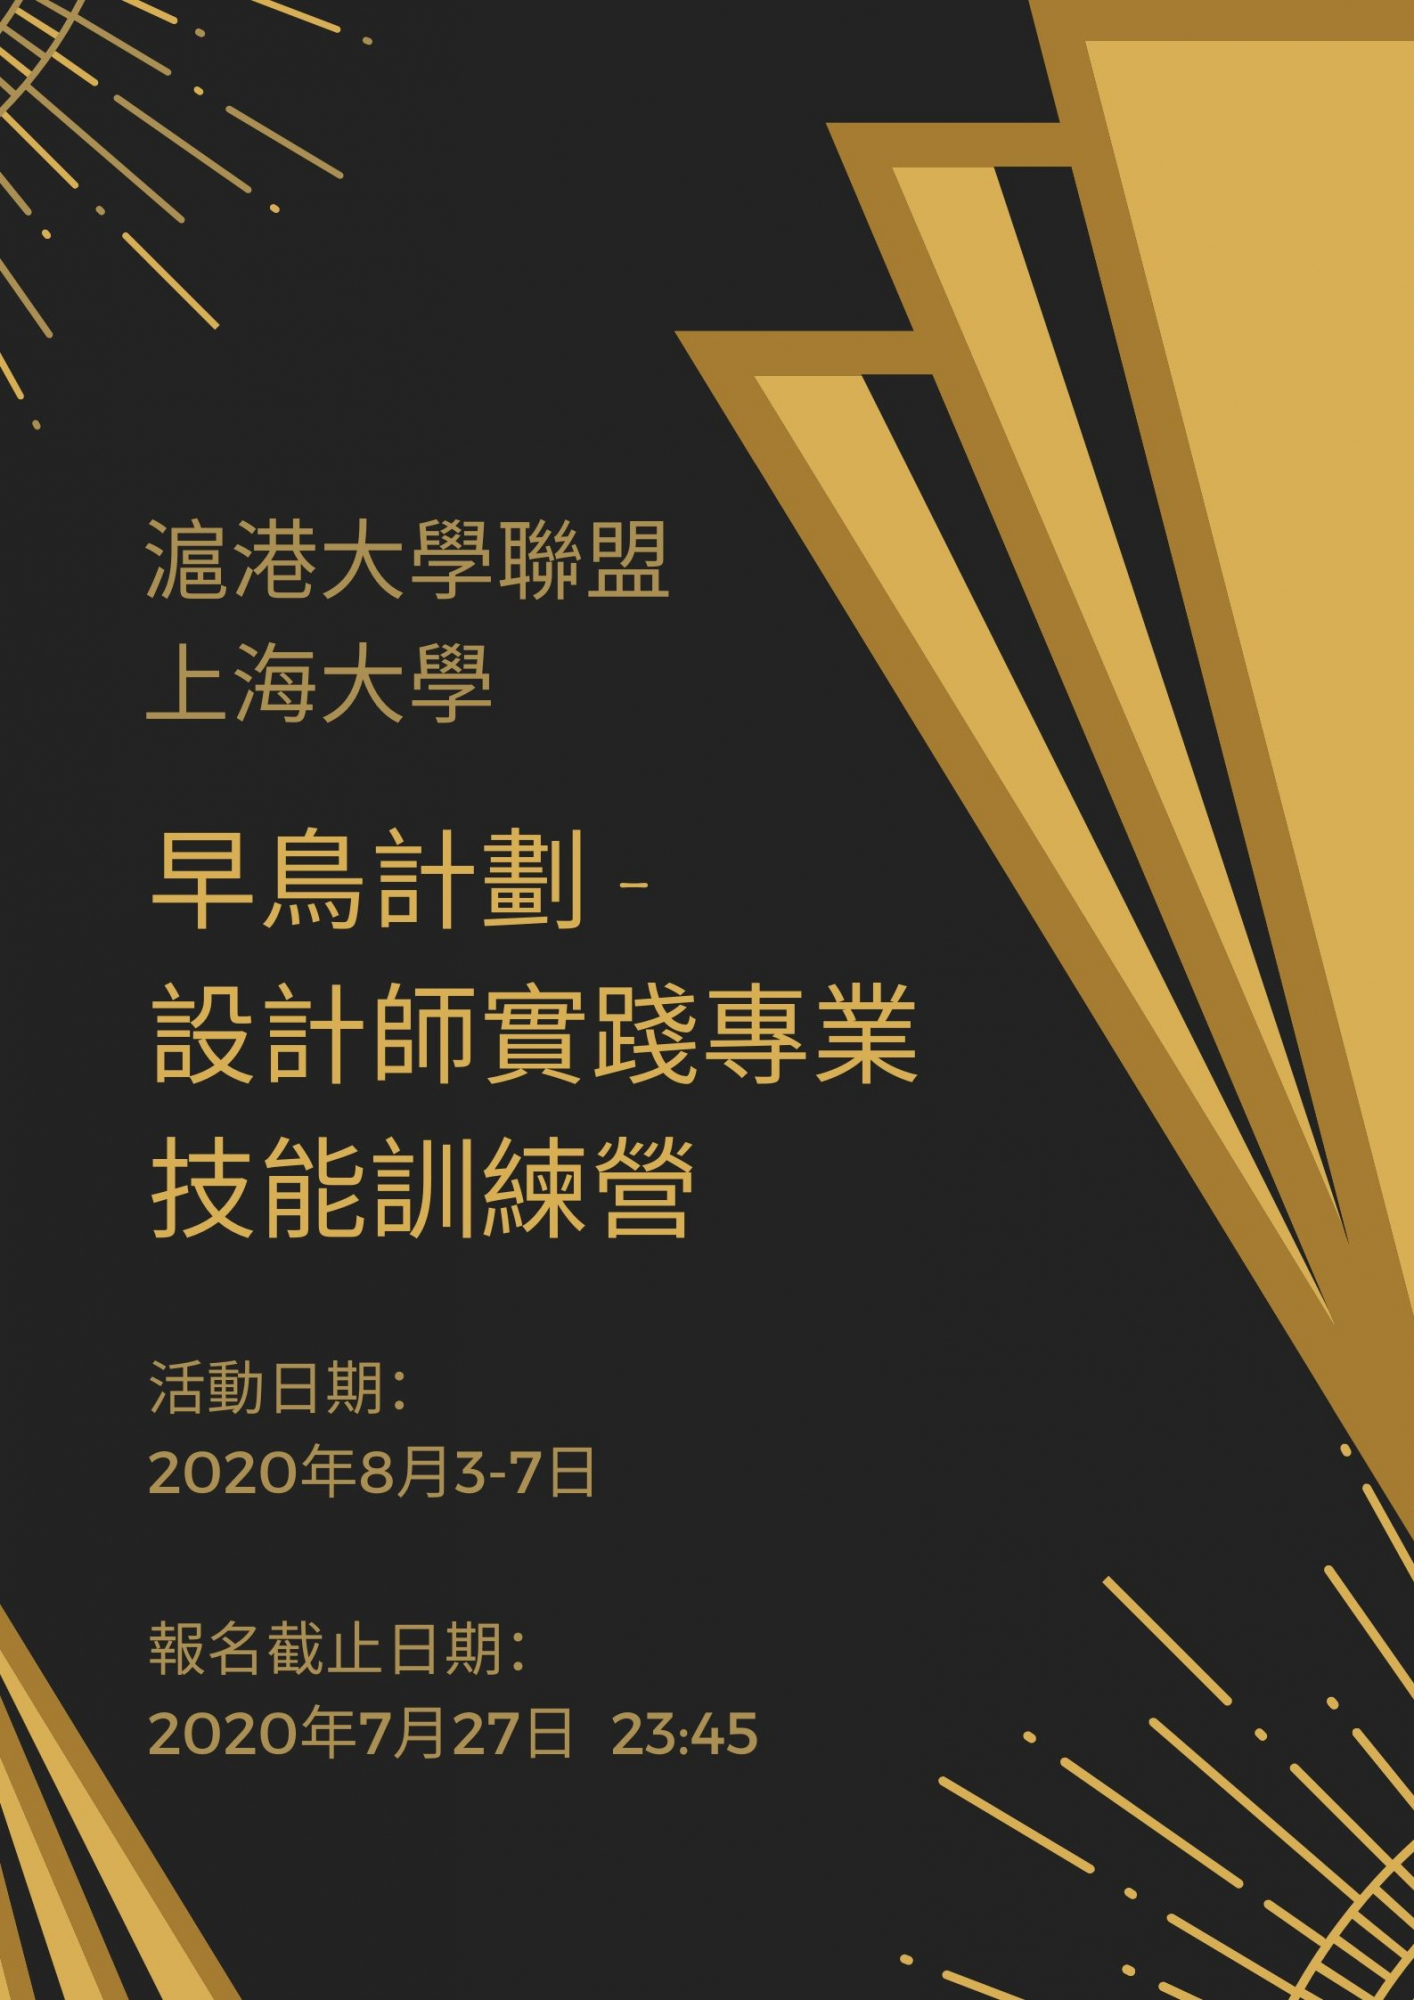 滬港大學聯盟上海大學美術學院品牌研習營:早鳥計劃 - 設計師實踐專業技能訓練營